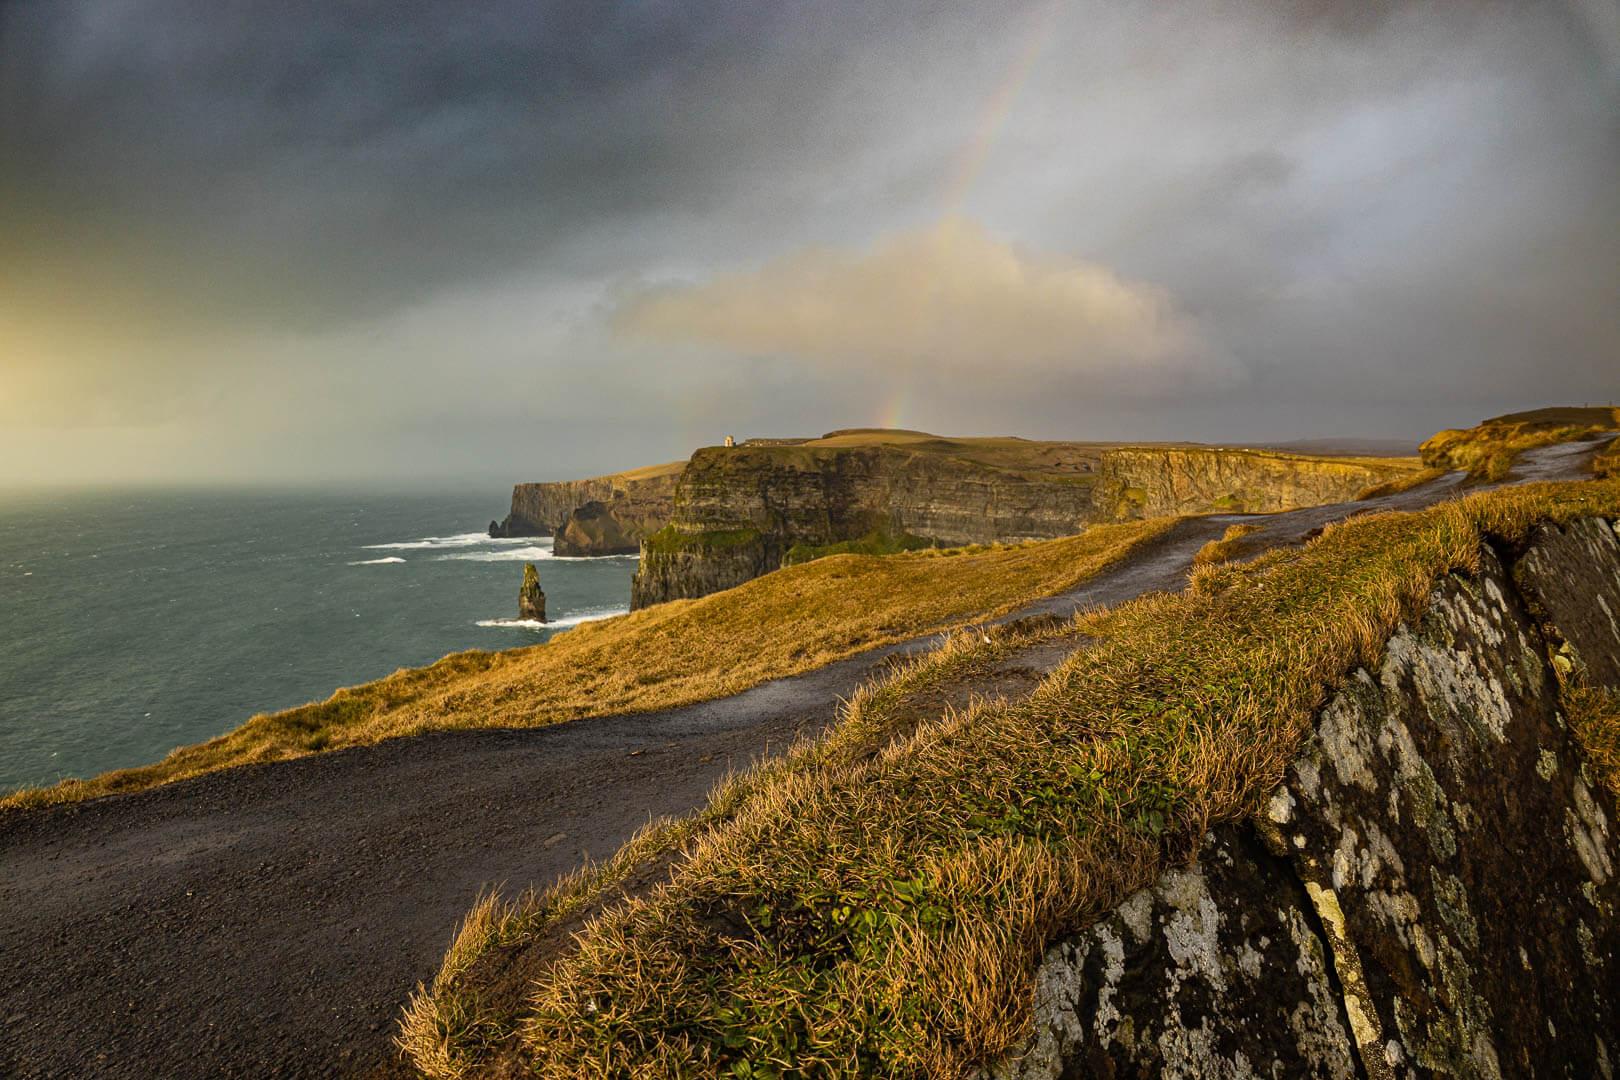 Ein kurzer sonniger Abschnitt mit Regebogen über den Klippen von Moher in Irland